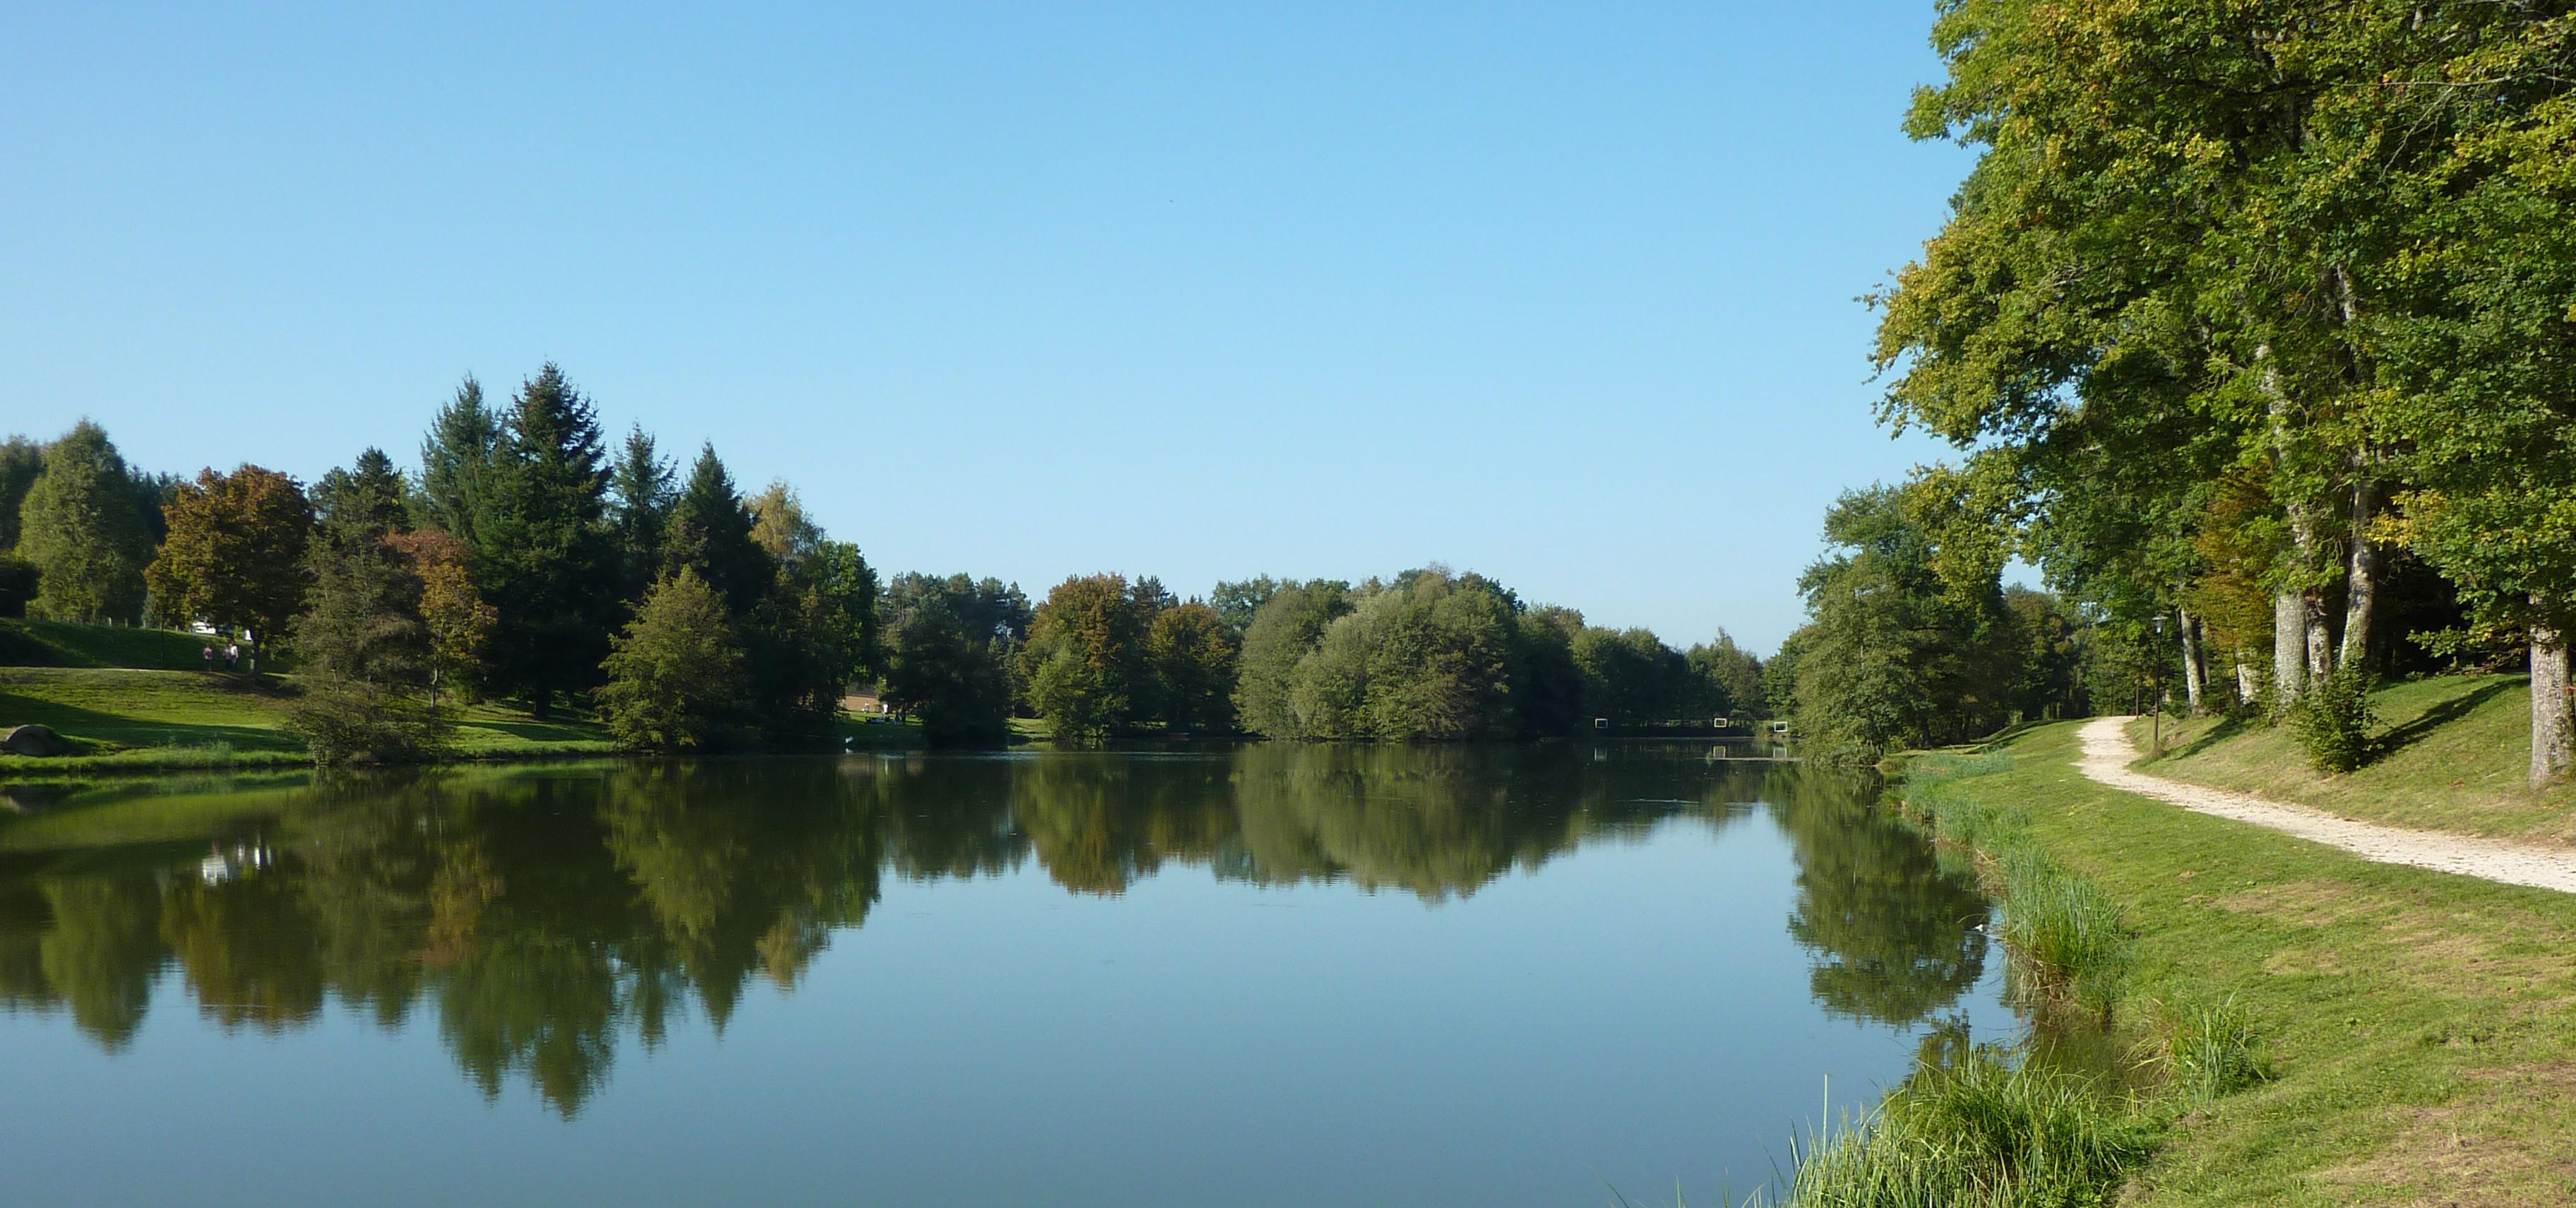 Lac_de_Rioz-wix